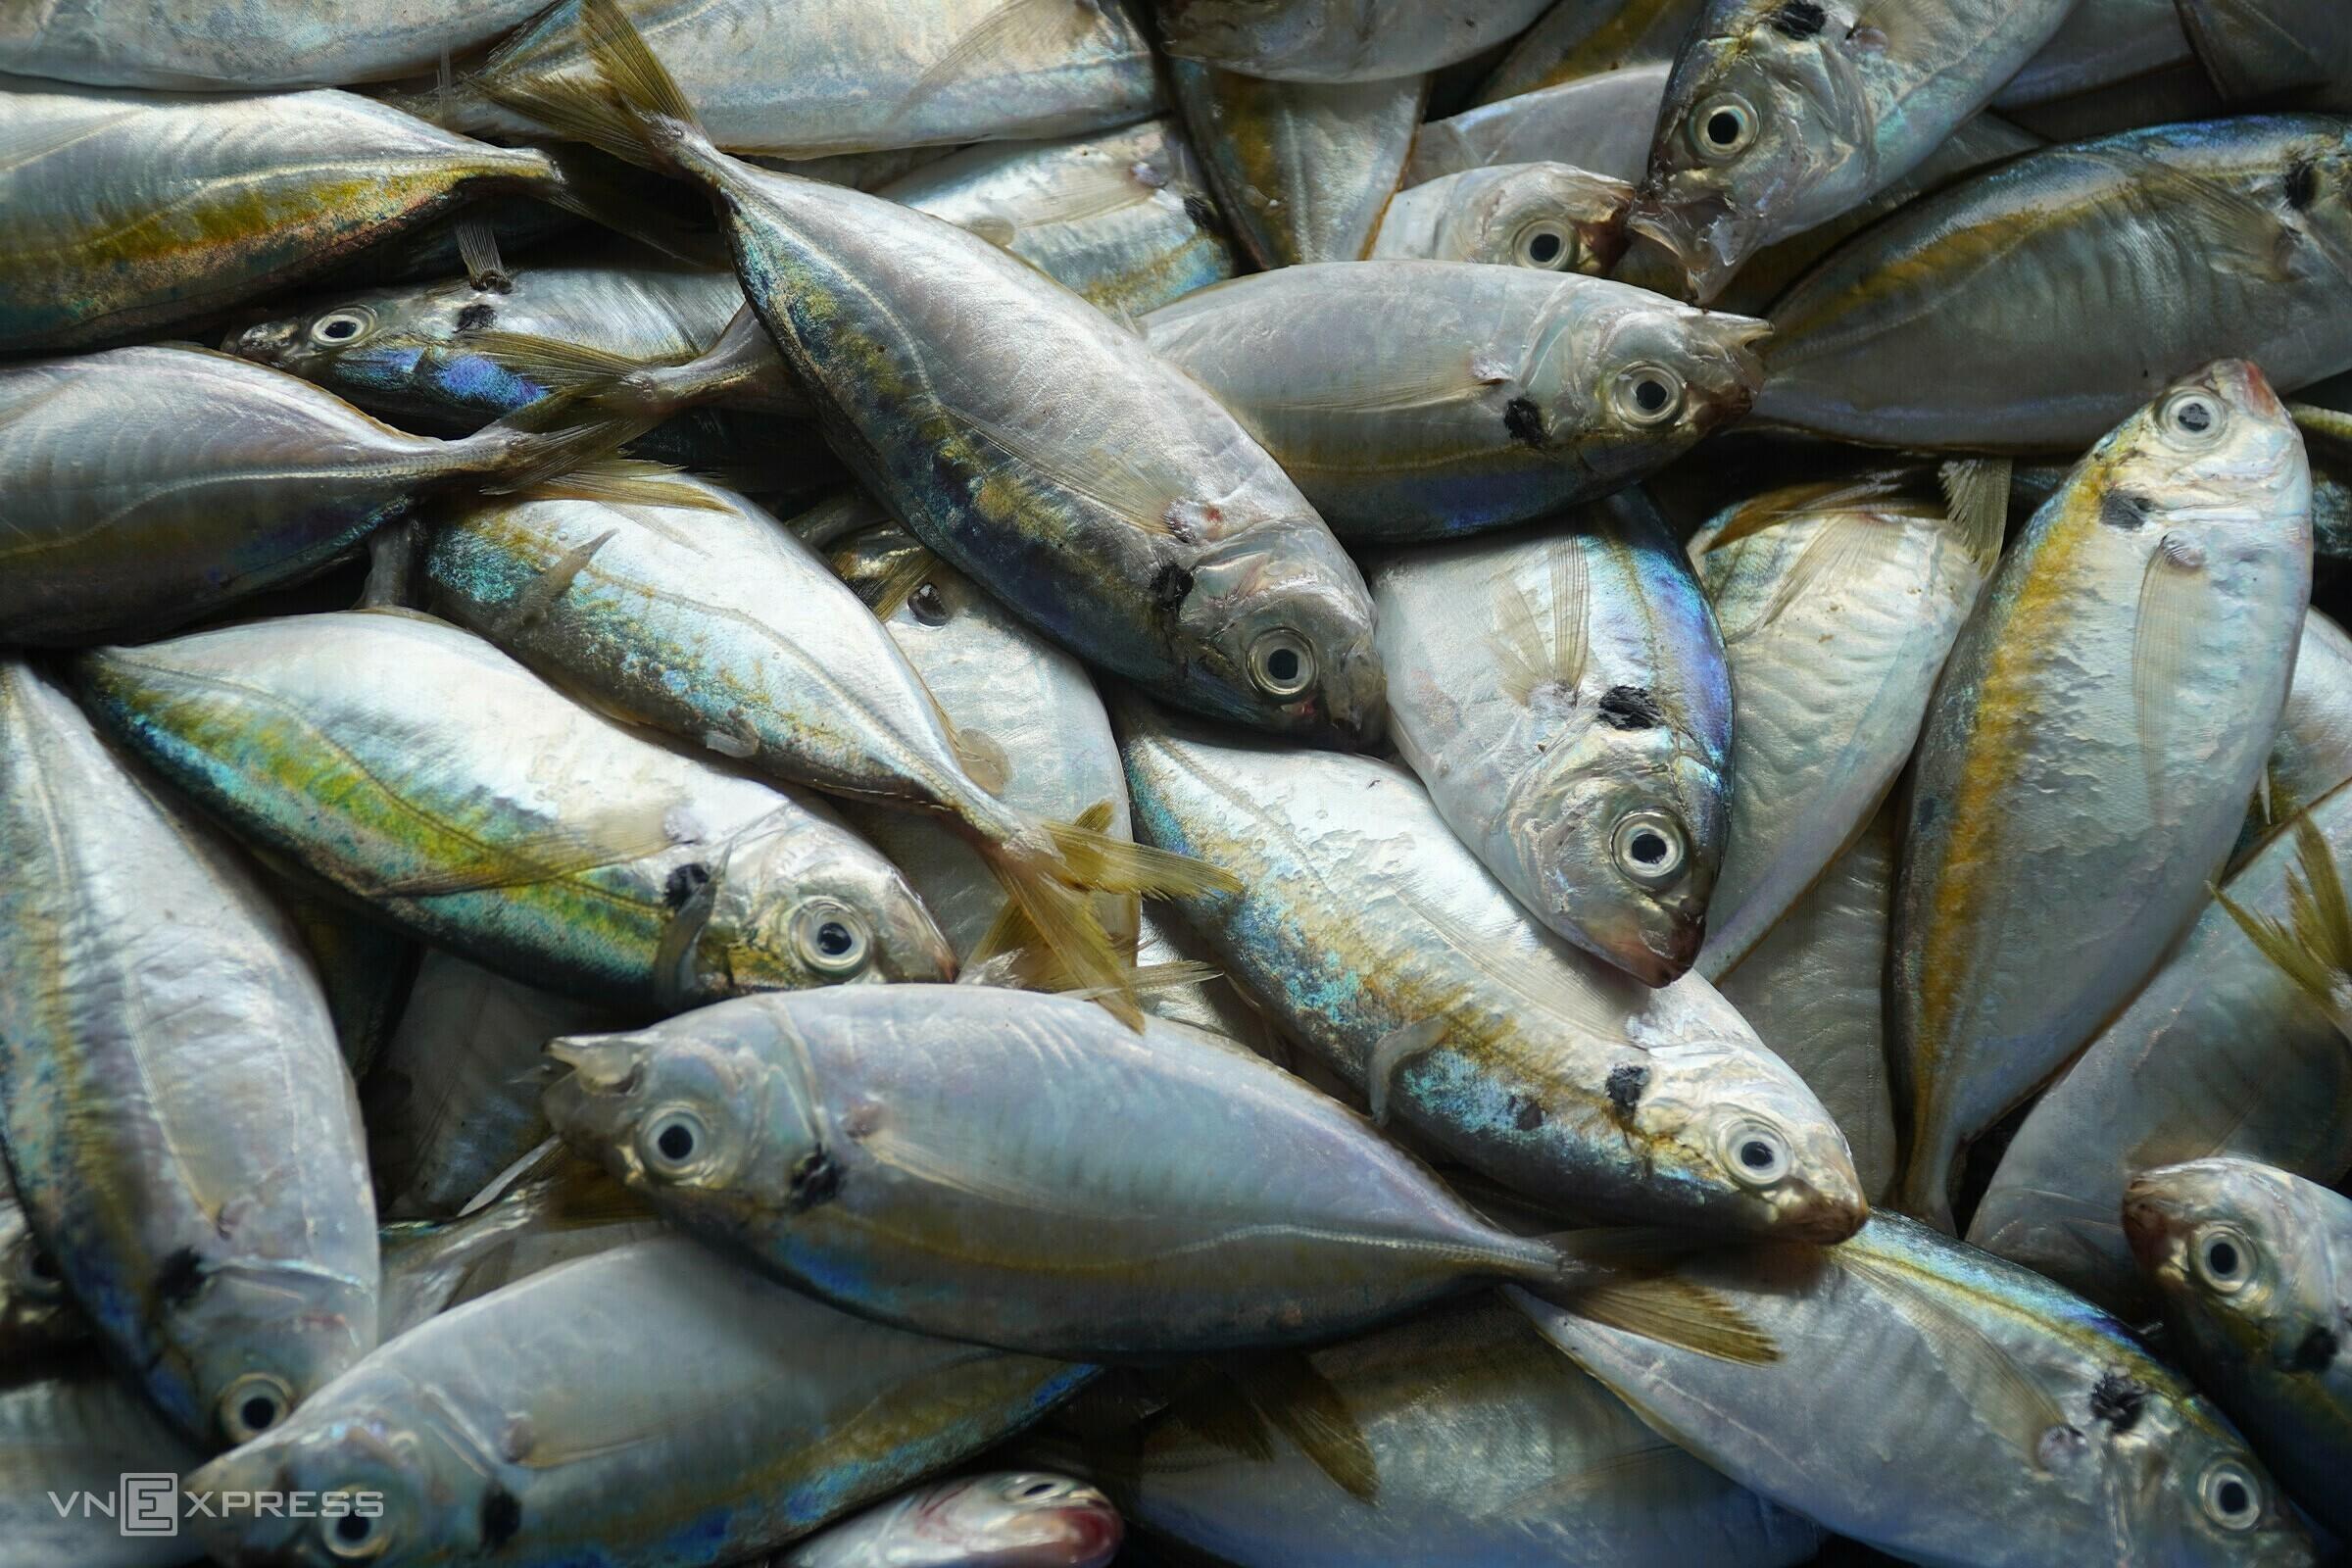 Cá chỉ vàng đánh ở vùng biển Phan Thiết. Ảnh: Việt Quốc